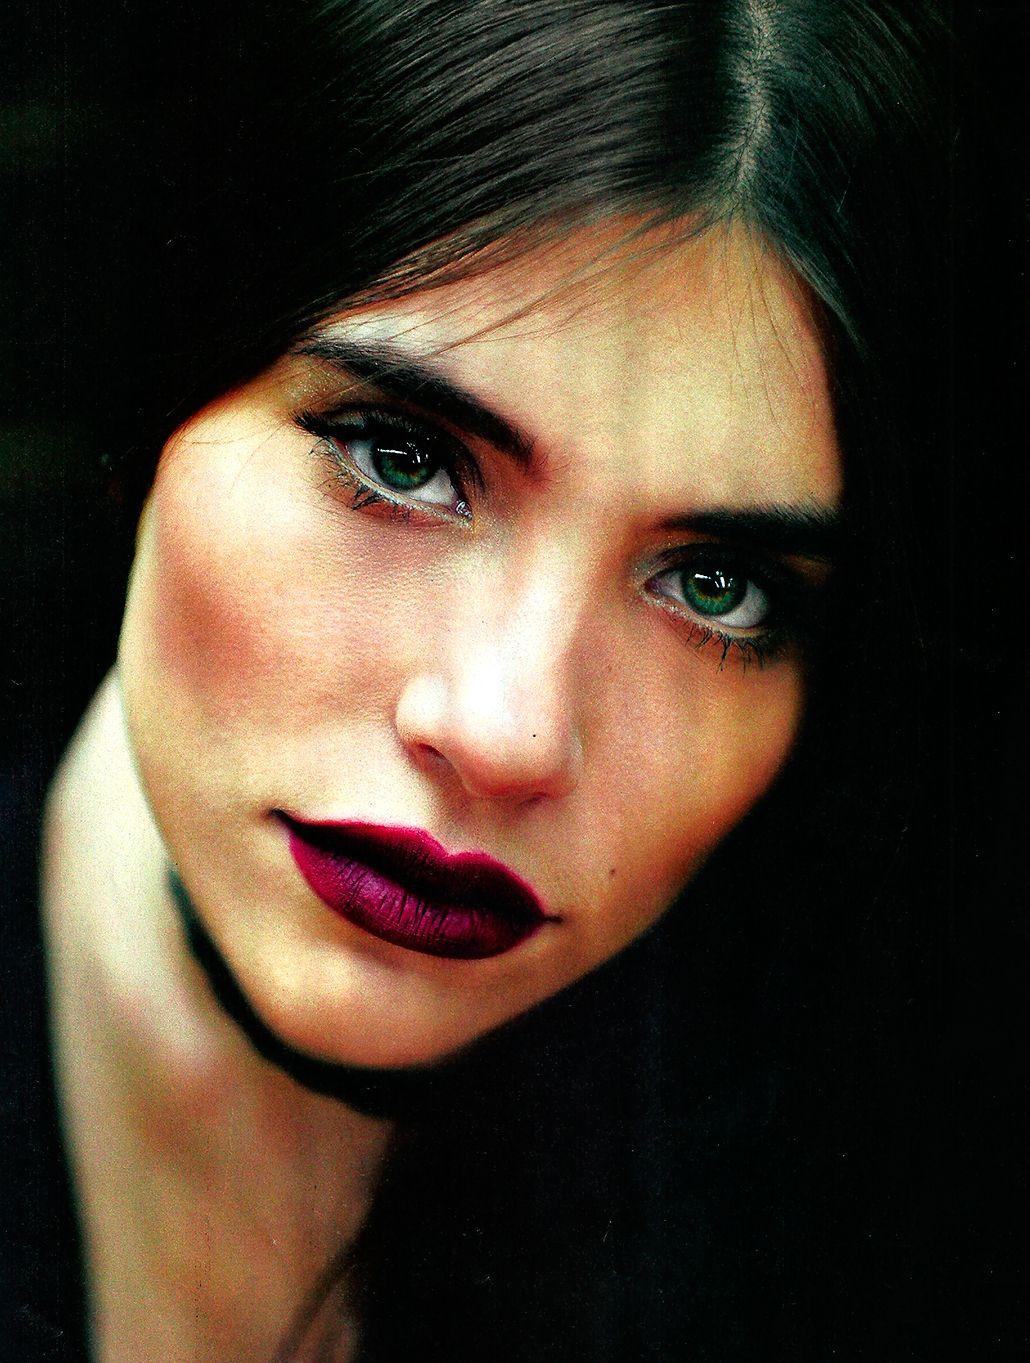 En una producción salvaje, Eva de Dominici reconoce: Soy la bocona de dientes separados